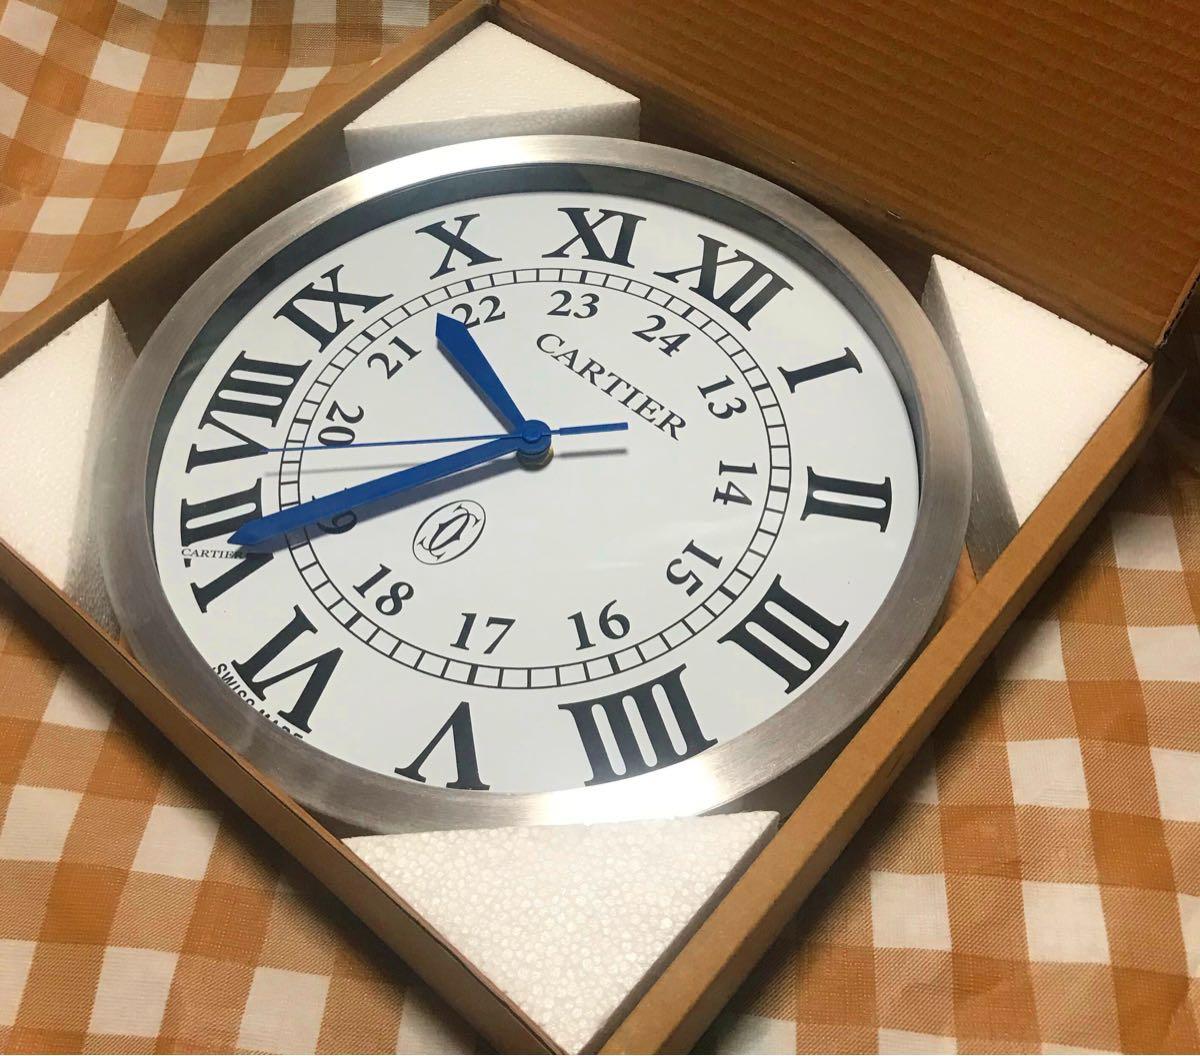 ラスト1点限定! 箱付 非売品 販売促進用 掛け時計 CARTIER カルティエ 壁掛け時計 ホワイト